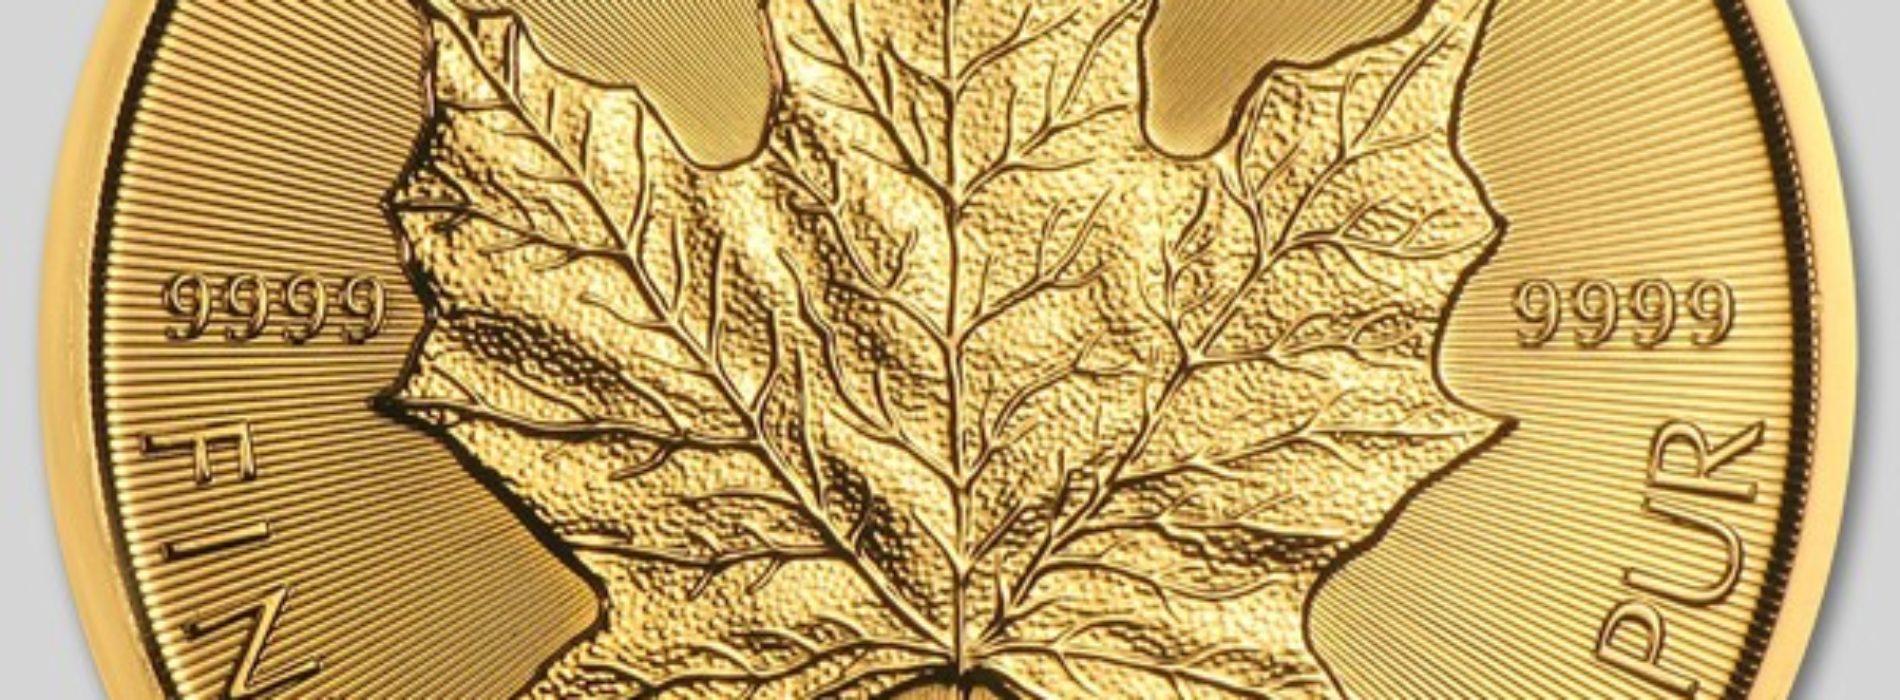 Nieruchomości, złoto, antyki czy produkty bankowe – w co inwestować?